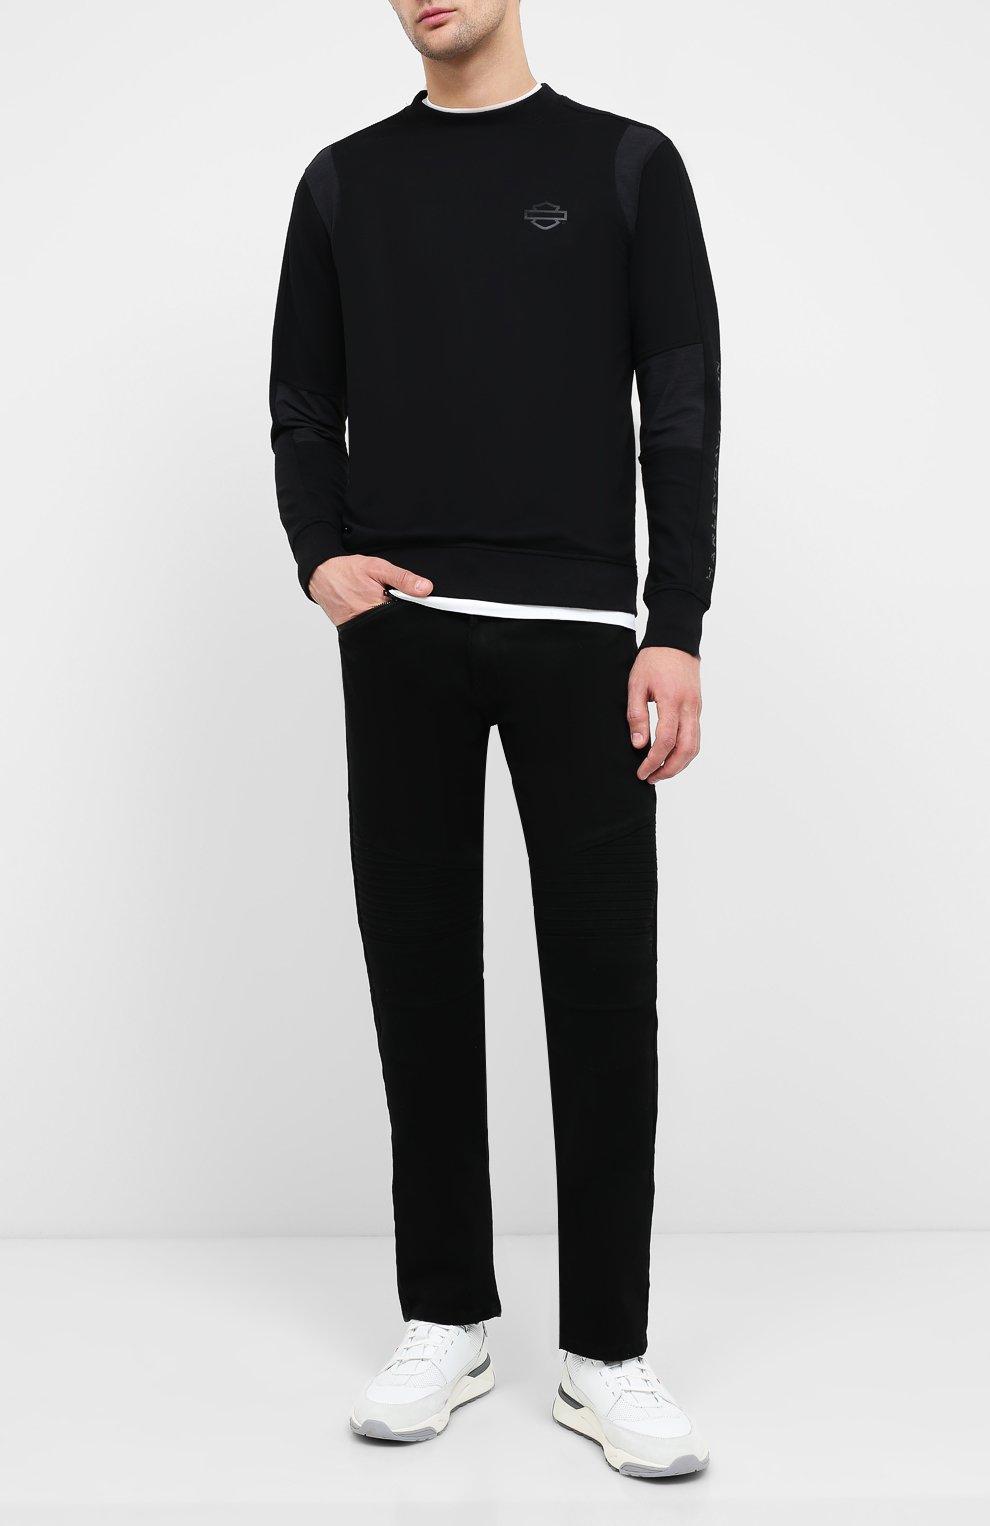 Мужские джинсы black label HARLEY-DAVIDSON черного цвета, арт. 96045-15VM   Фото 2